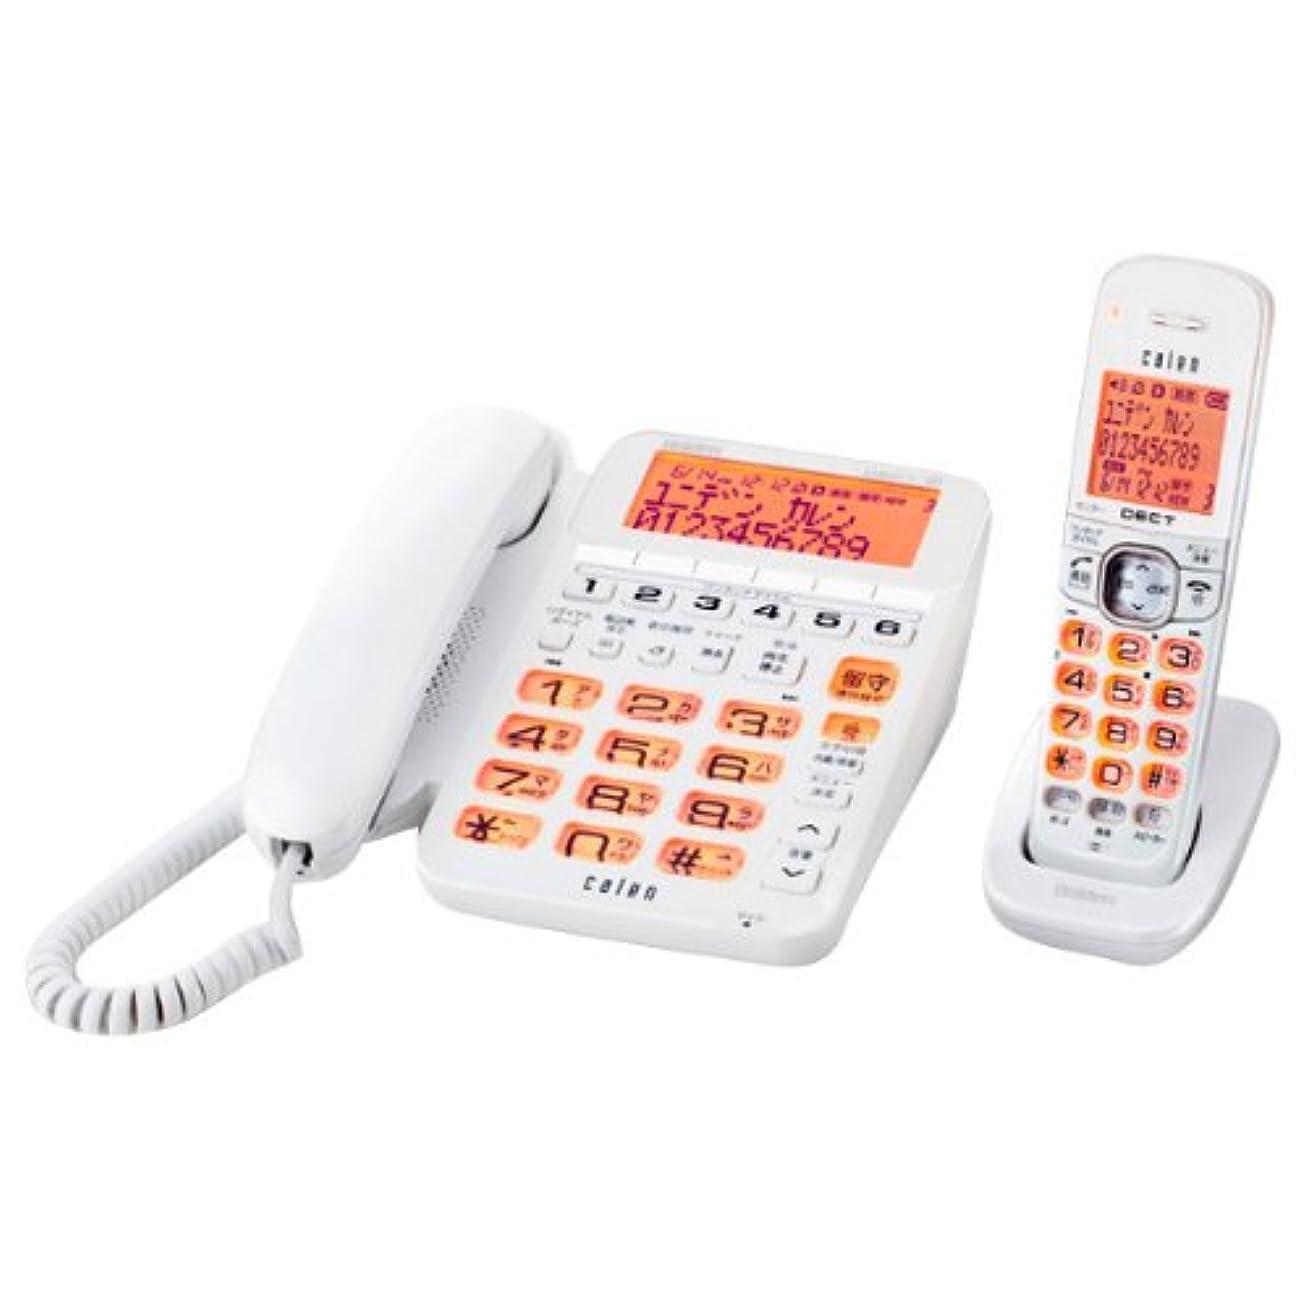 よろしくにおい補体ユニデン DECT方式コードレス留守番電話機 本体+子機1台タイプ(パールホワイト) DECT2588(W)